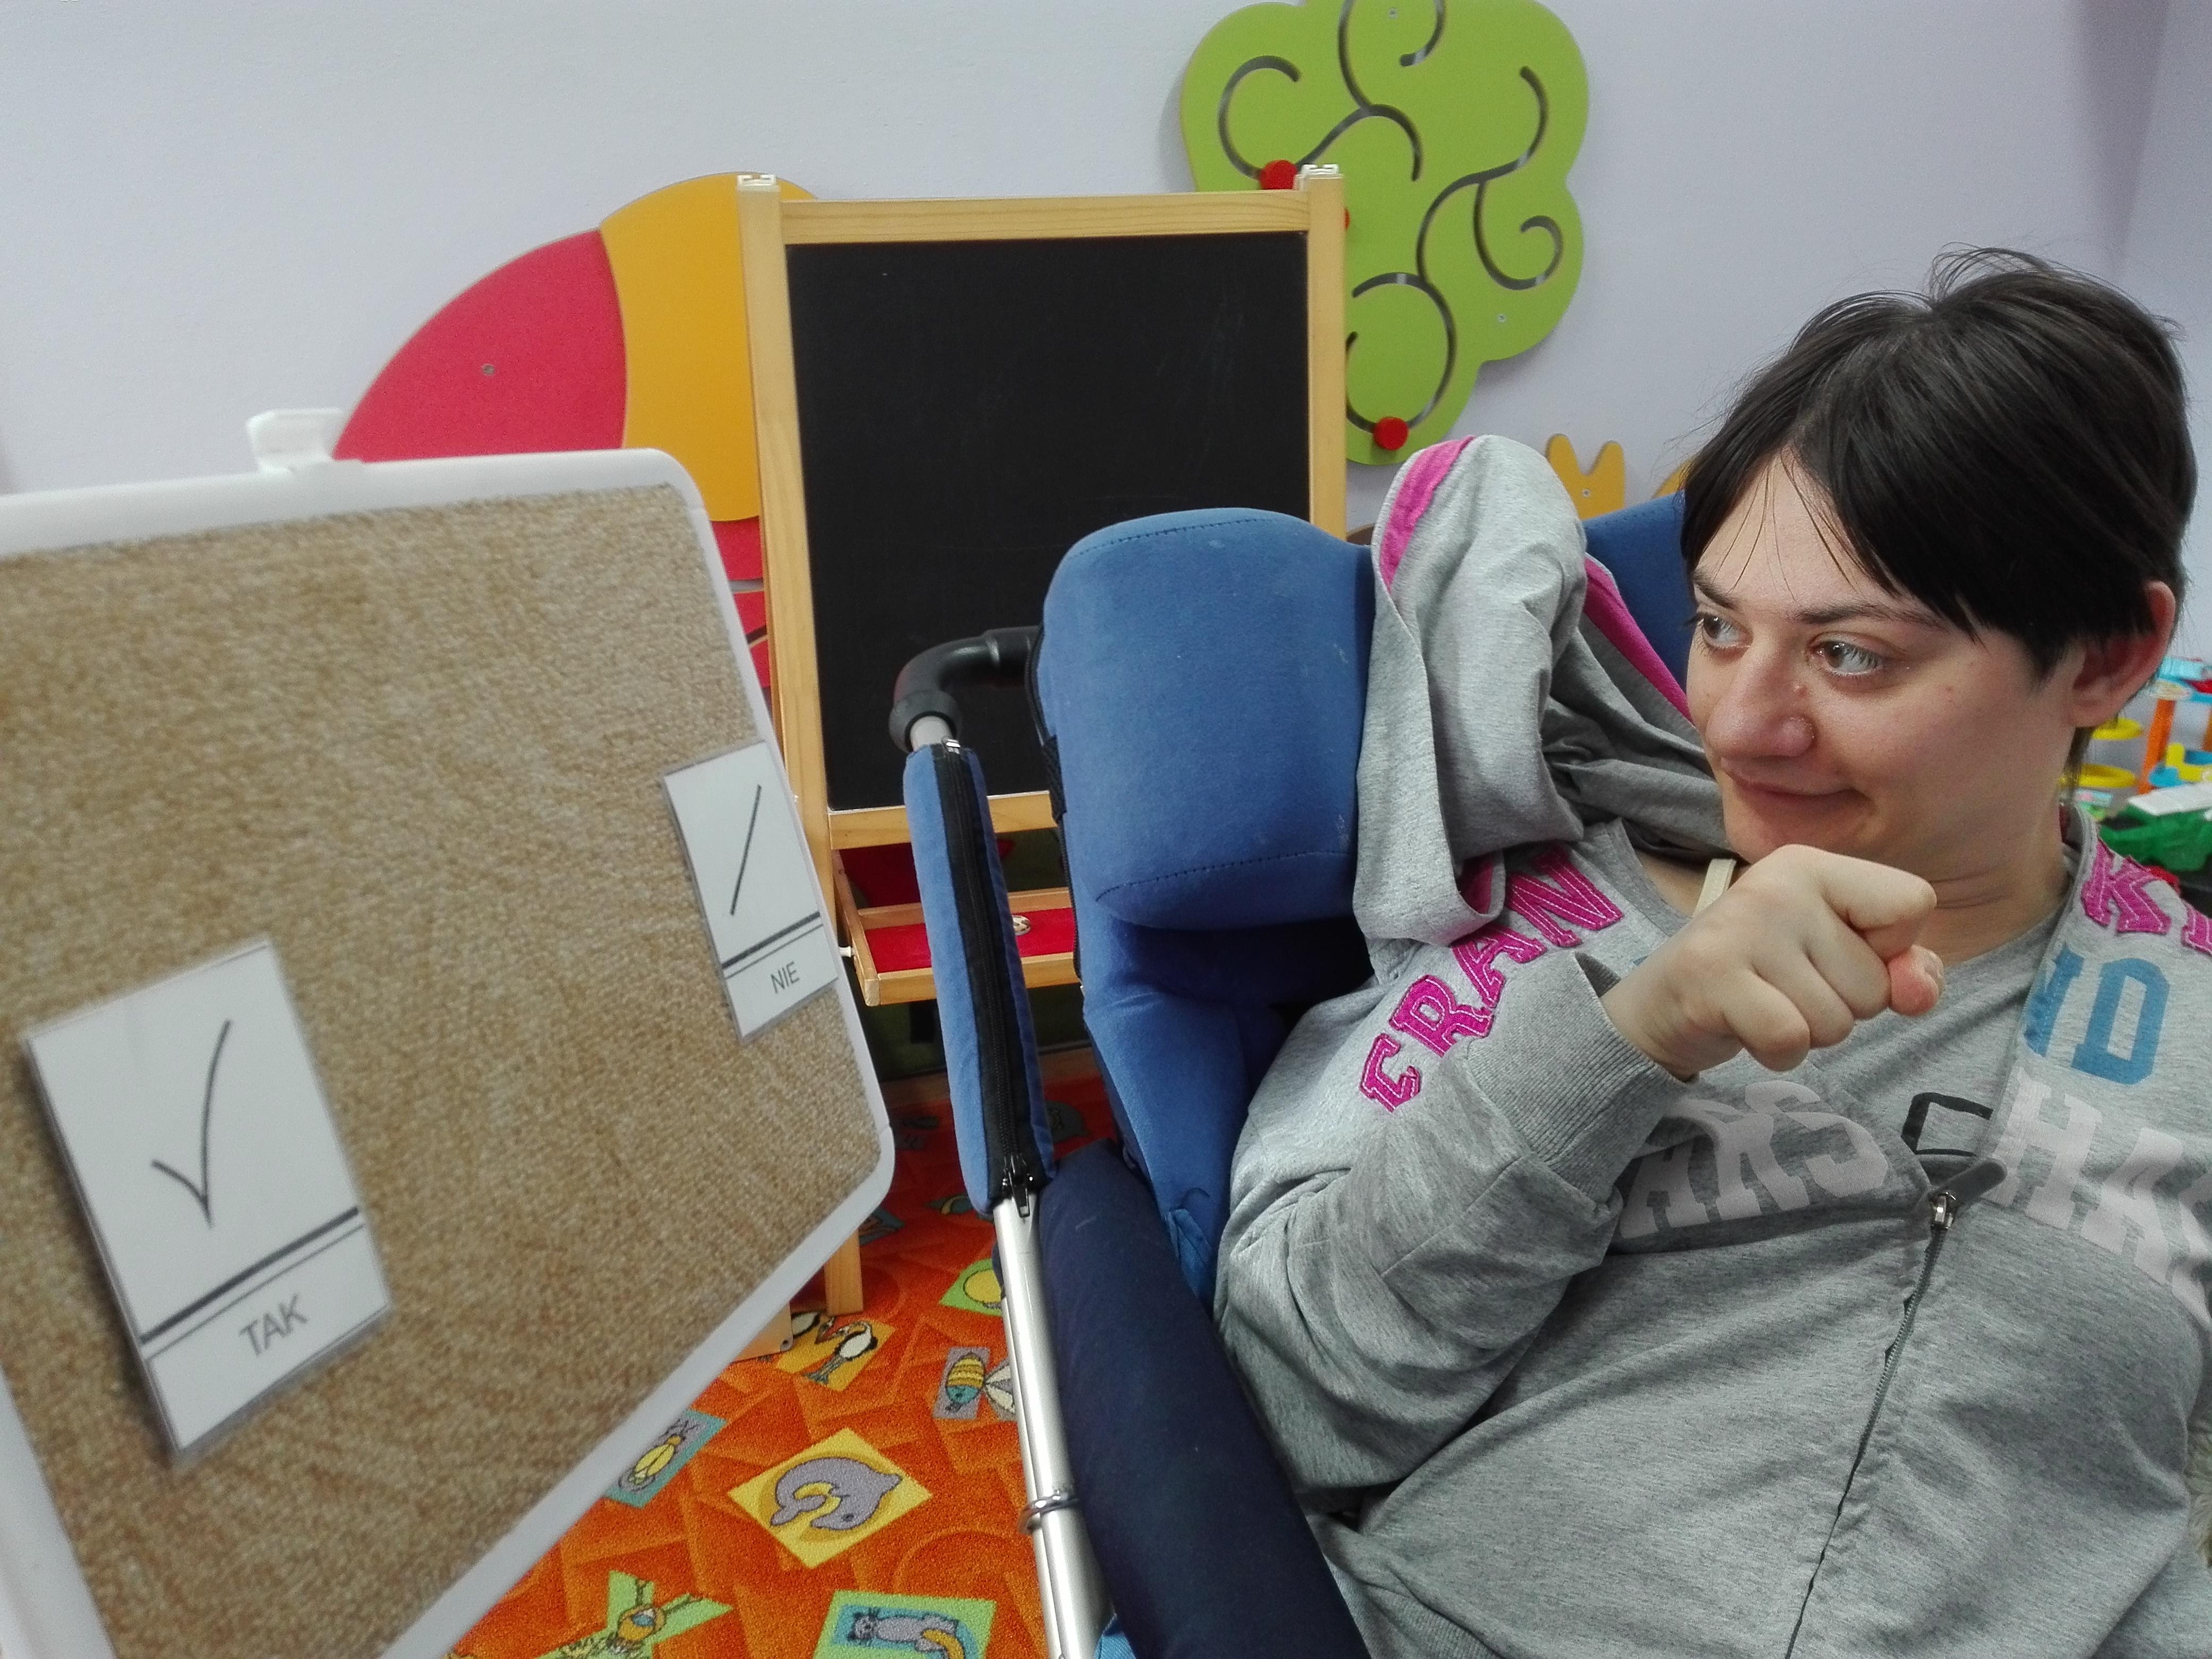 Dziewczynka nie porusza się samodzielnie, siedzi na wózku nauczyciel zadaje pytania na które ma odpowiedzieć tak lub nie wskazująć ręką odpowiedni kartonik